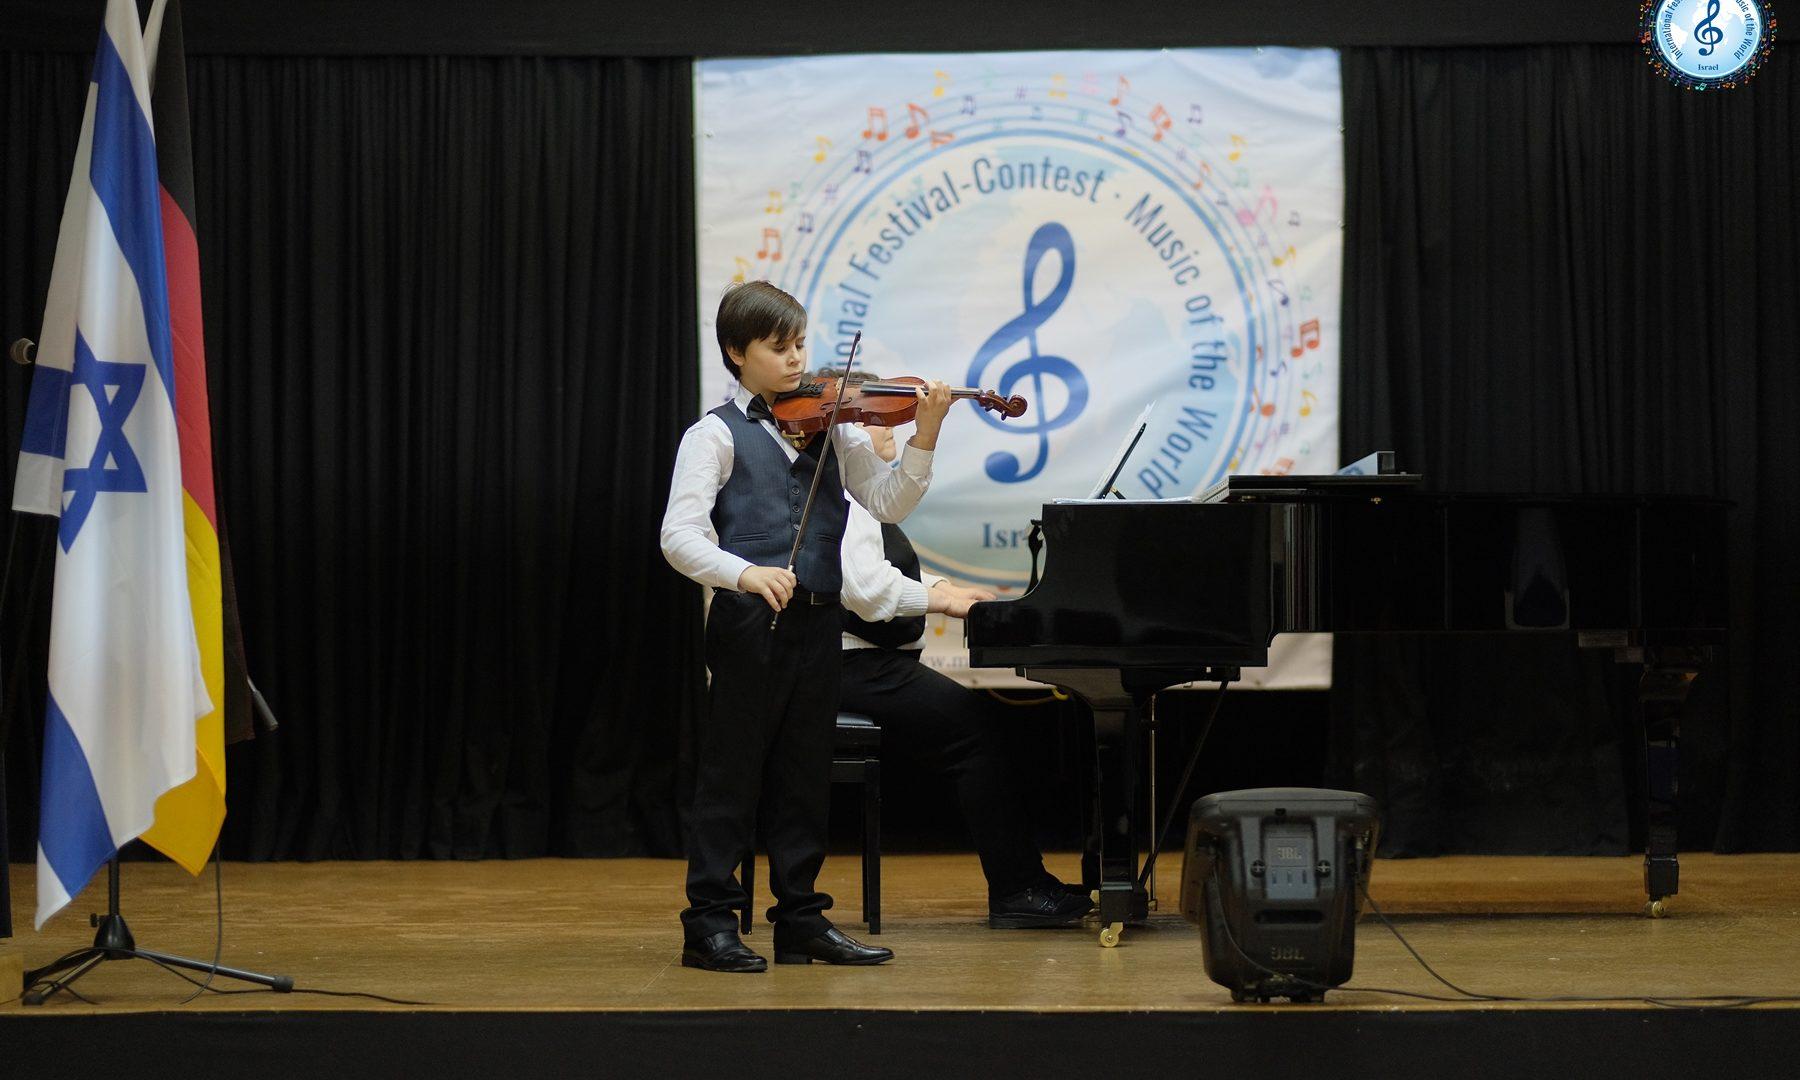 תחרות מוסיקה בינלאומית 2